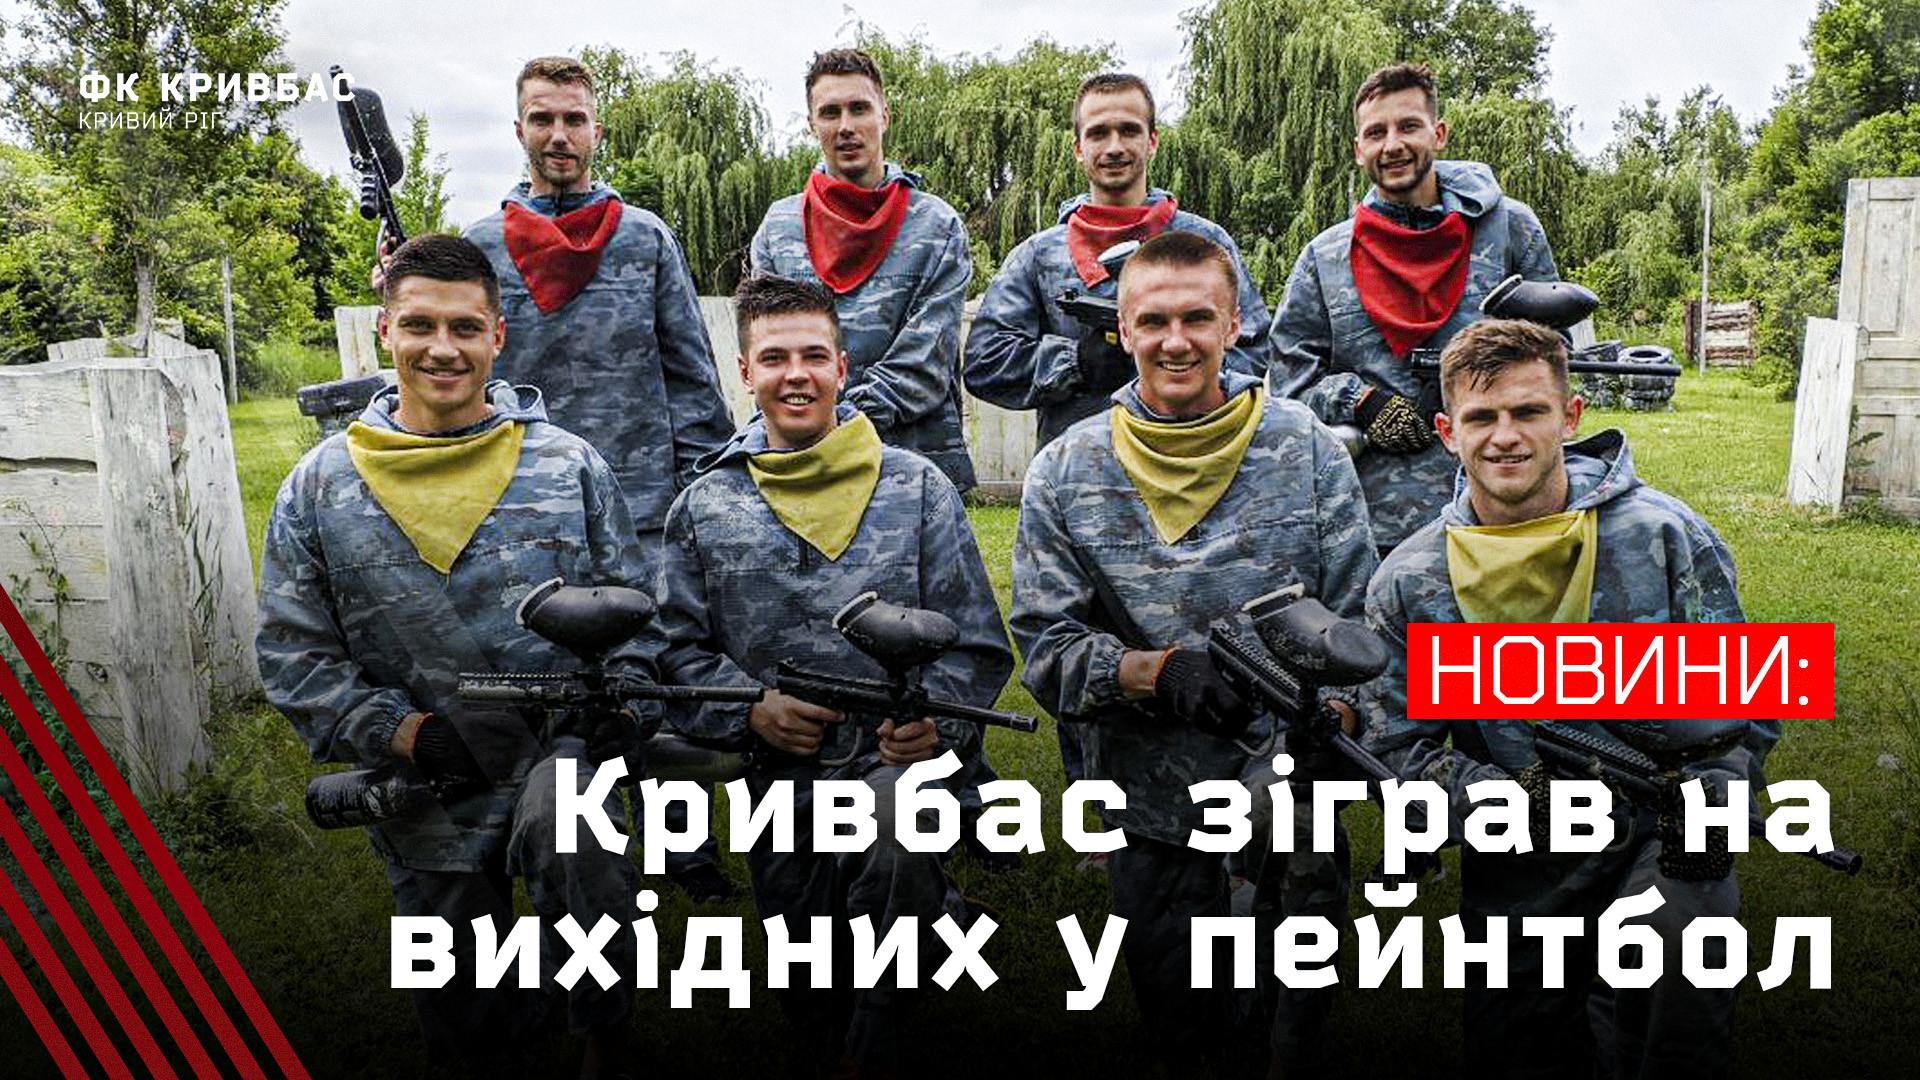 """""""Кривбас"""" зіграв на вихідних у пейнтбол}"""